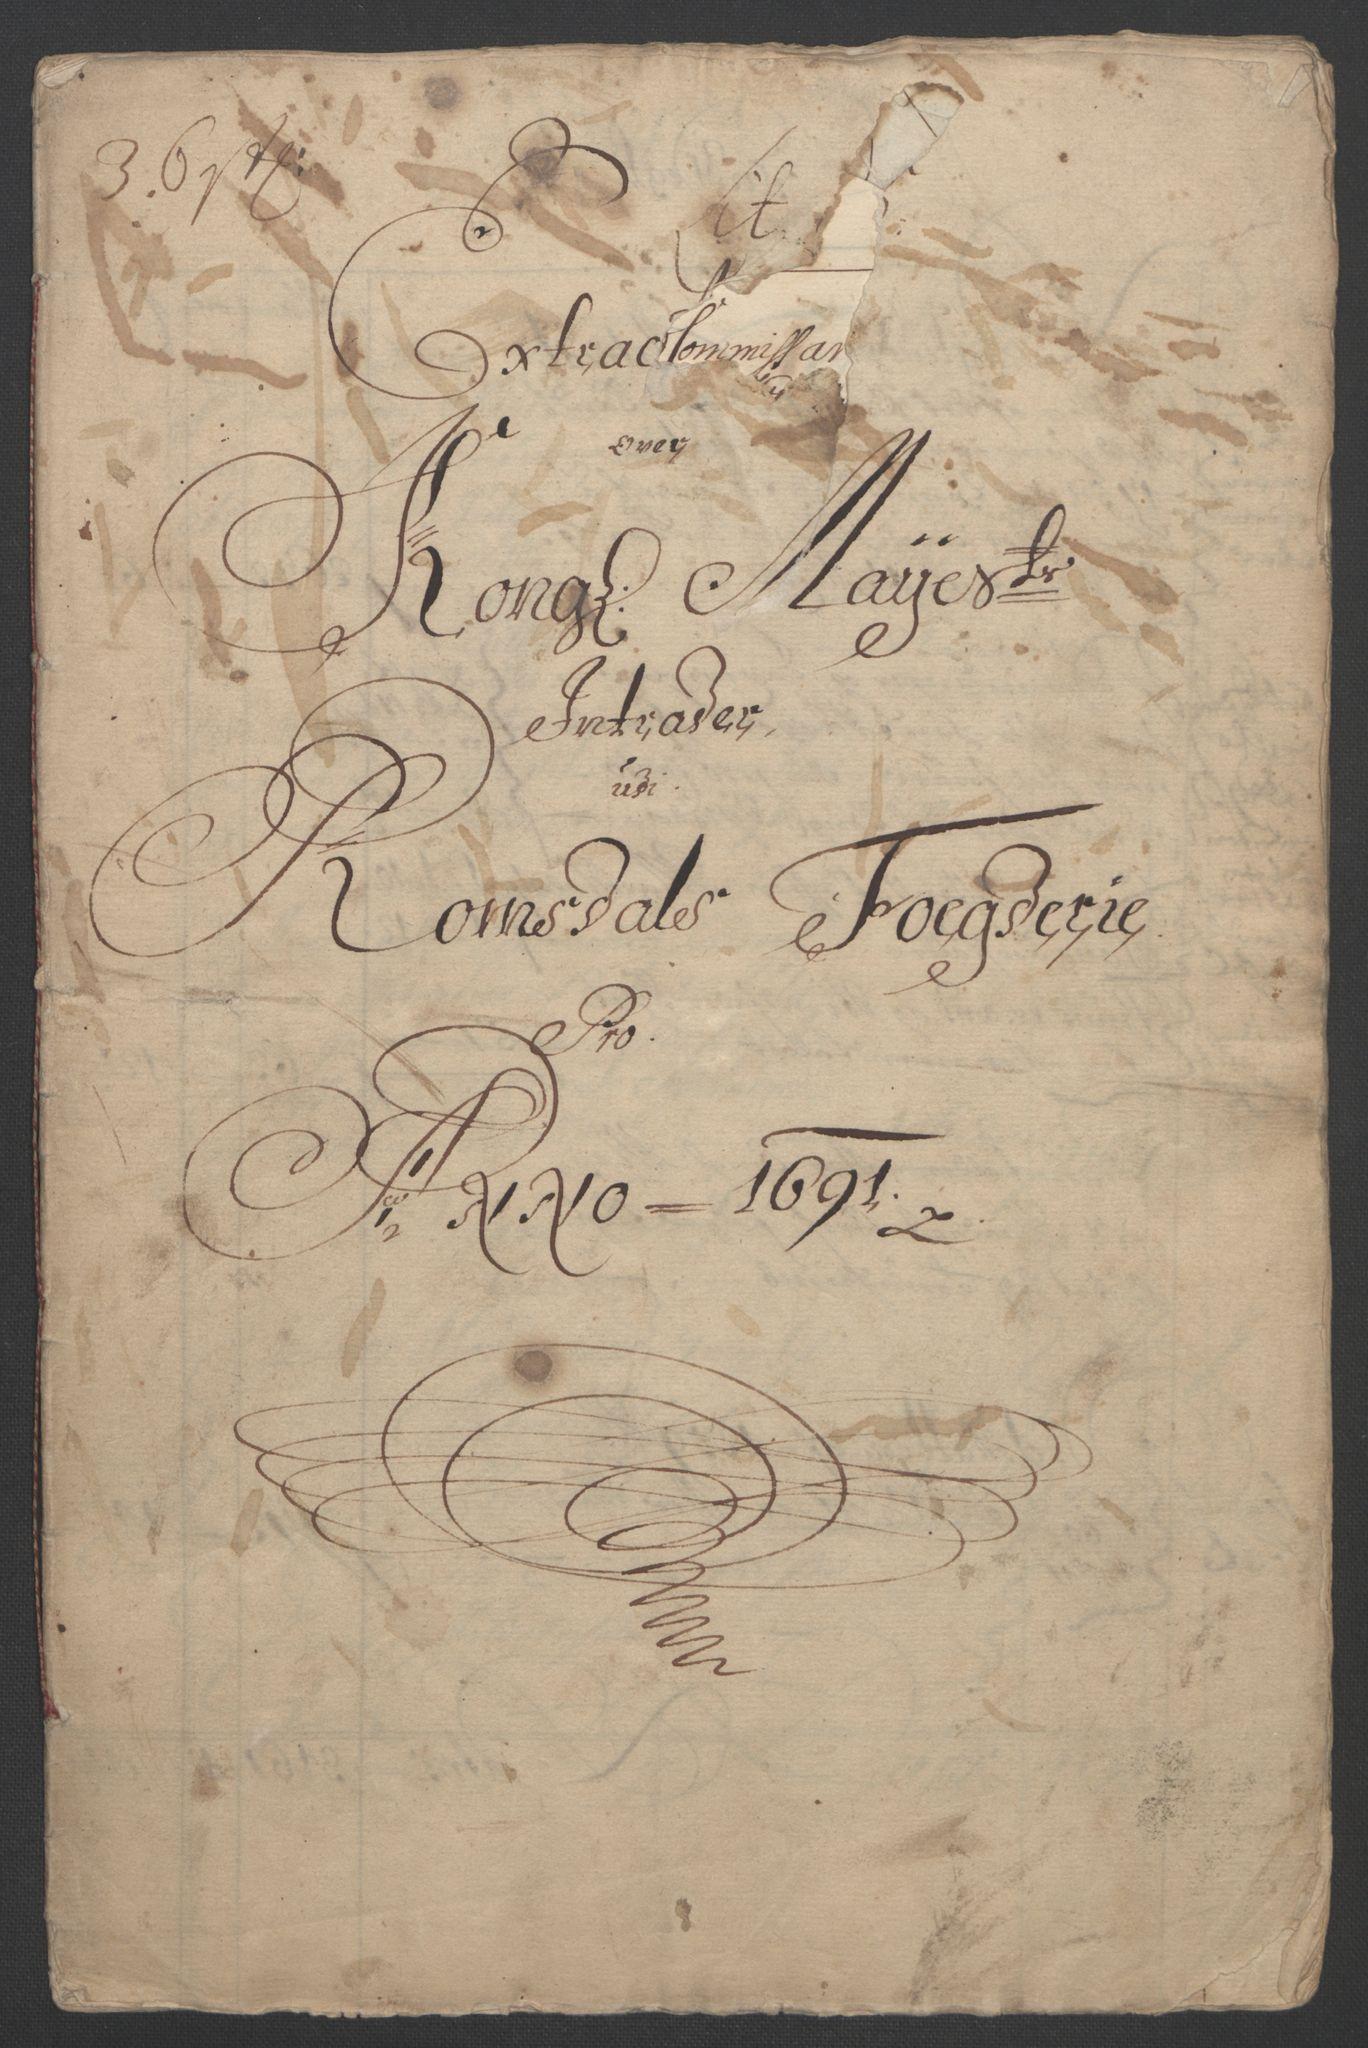 RA, Rentekammeret inntil 1814, Reviderte regnskaper, Fogderegnskap, R55/L3649: Fogderegnskap Romsdal, 1690-1691, s. 192